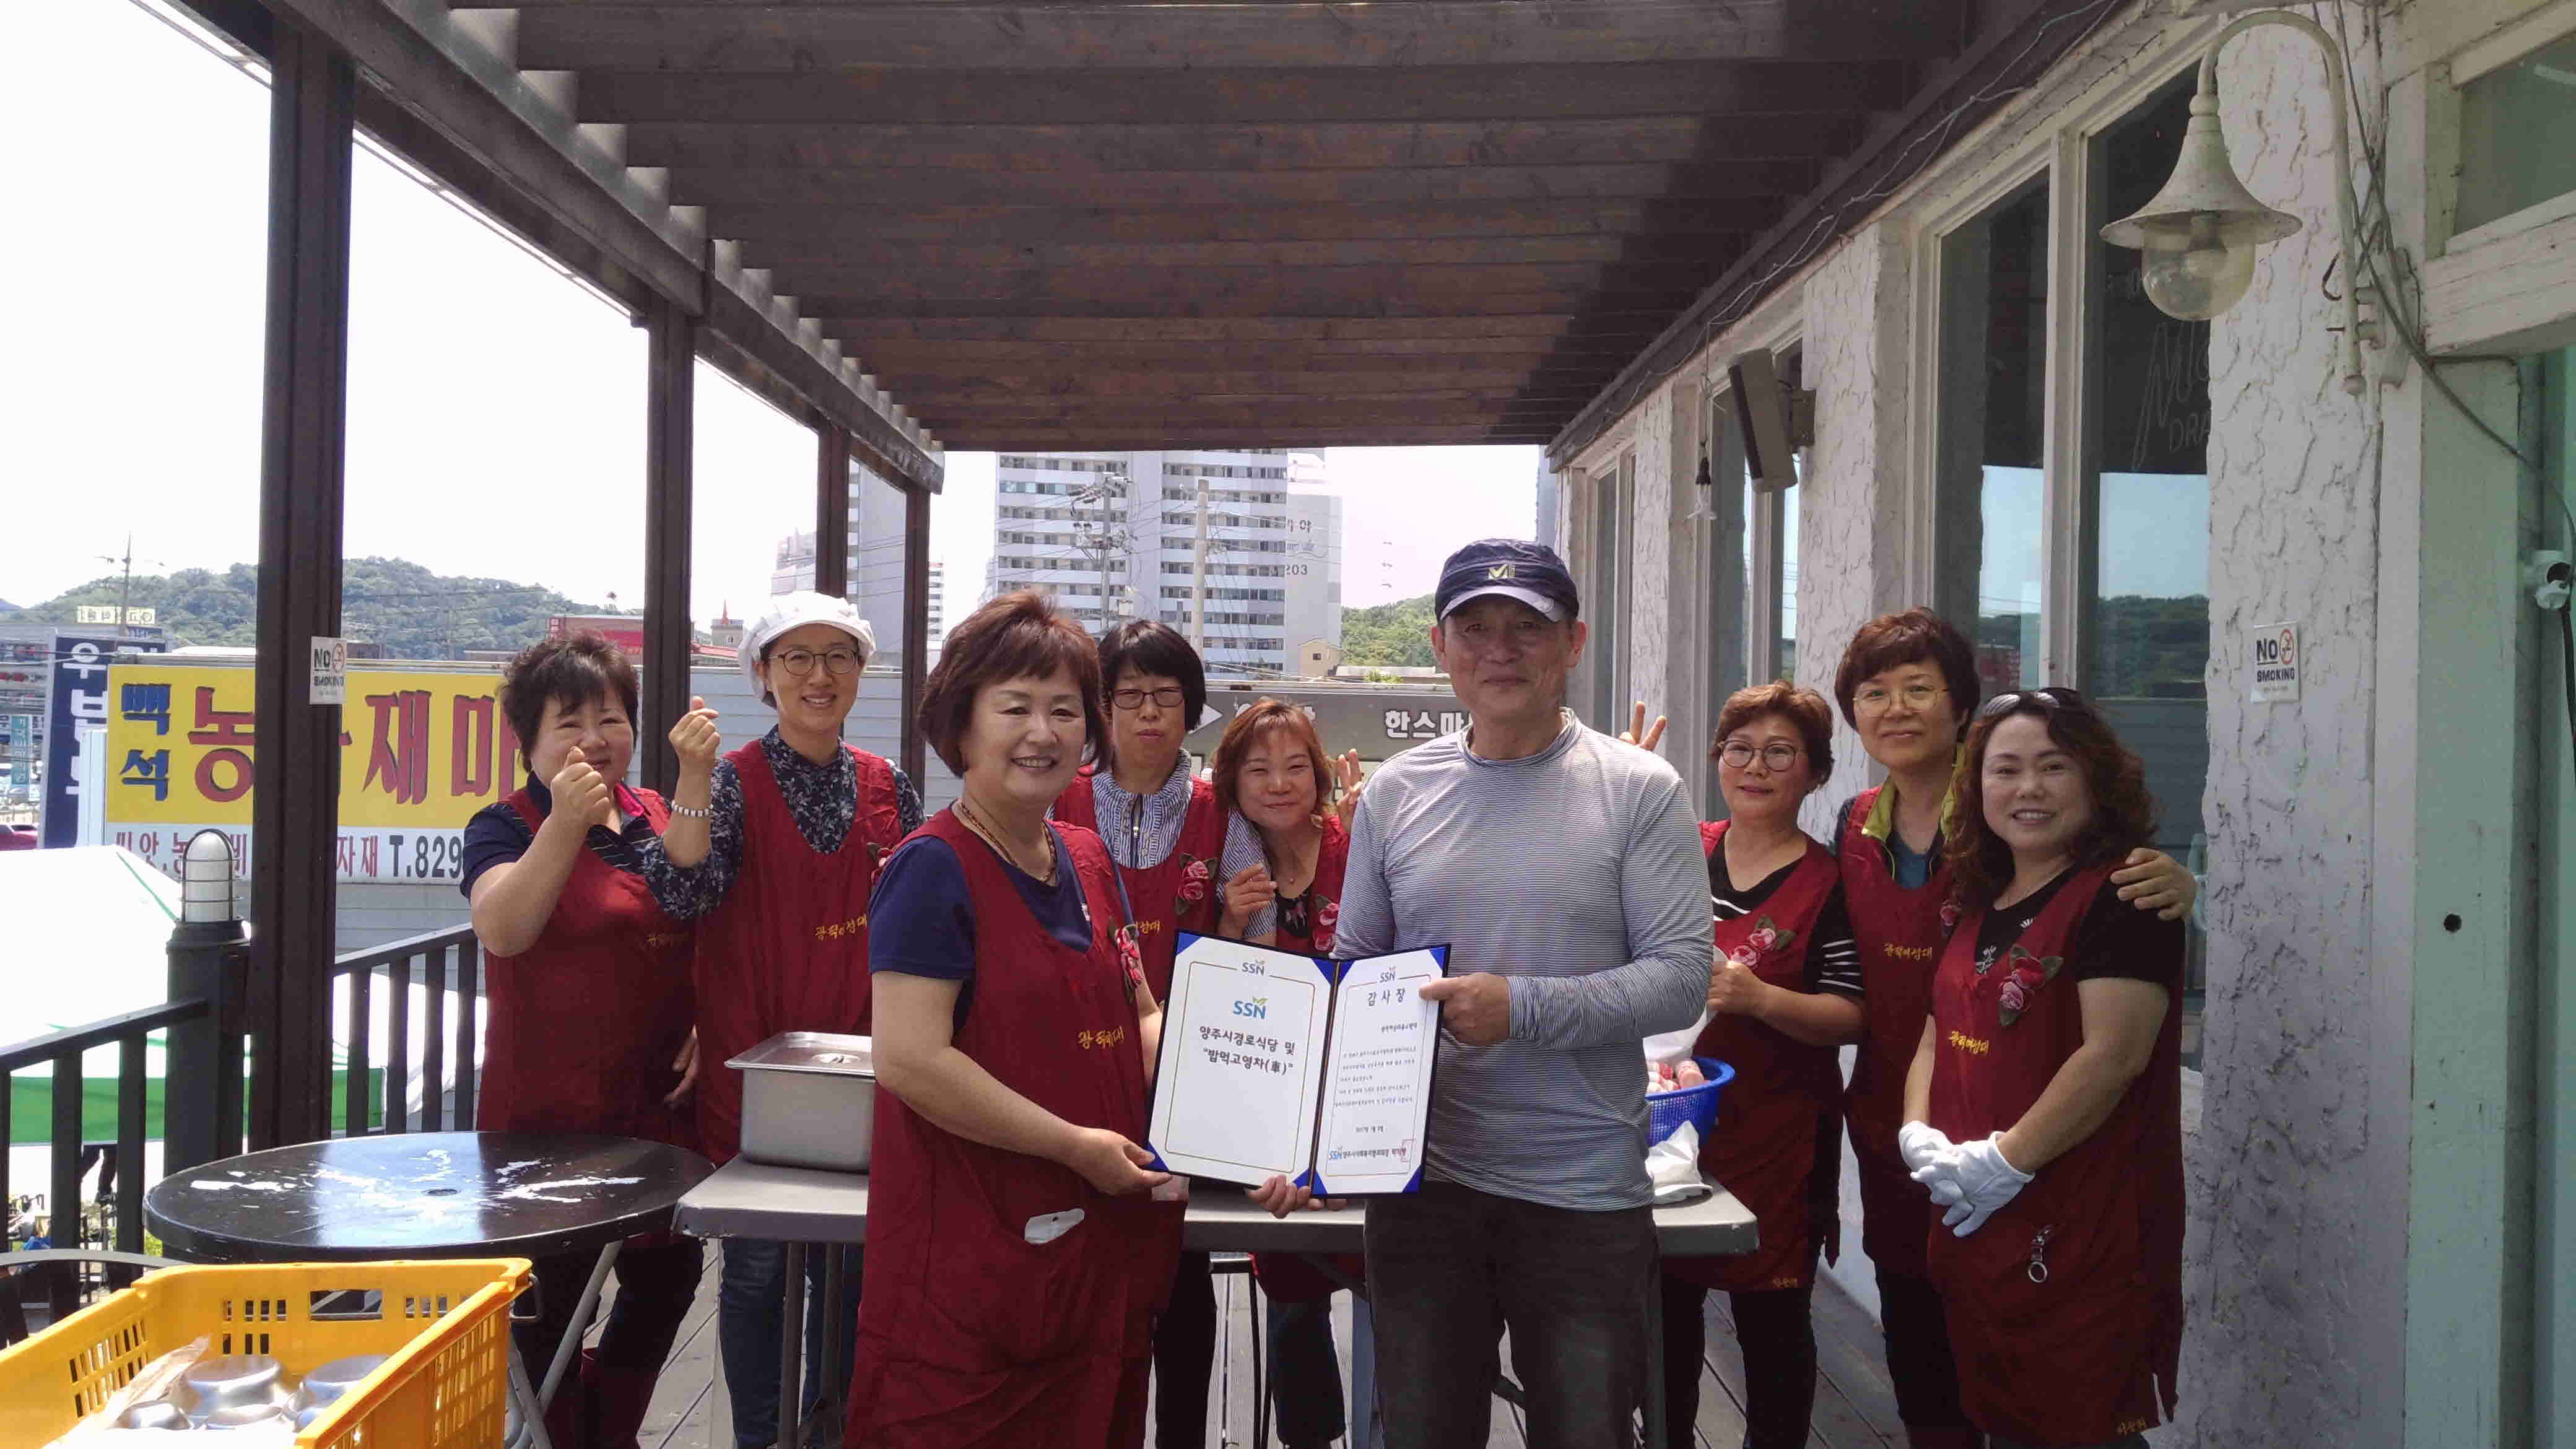 2017년 6월 2일 백석지역 이동밥차  운영사진